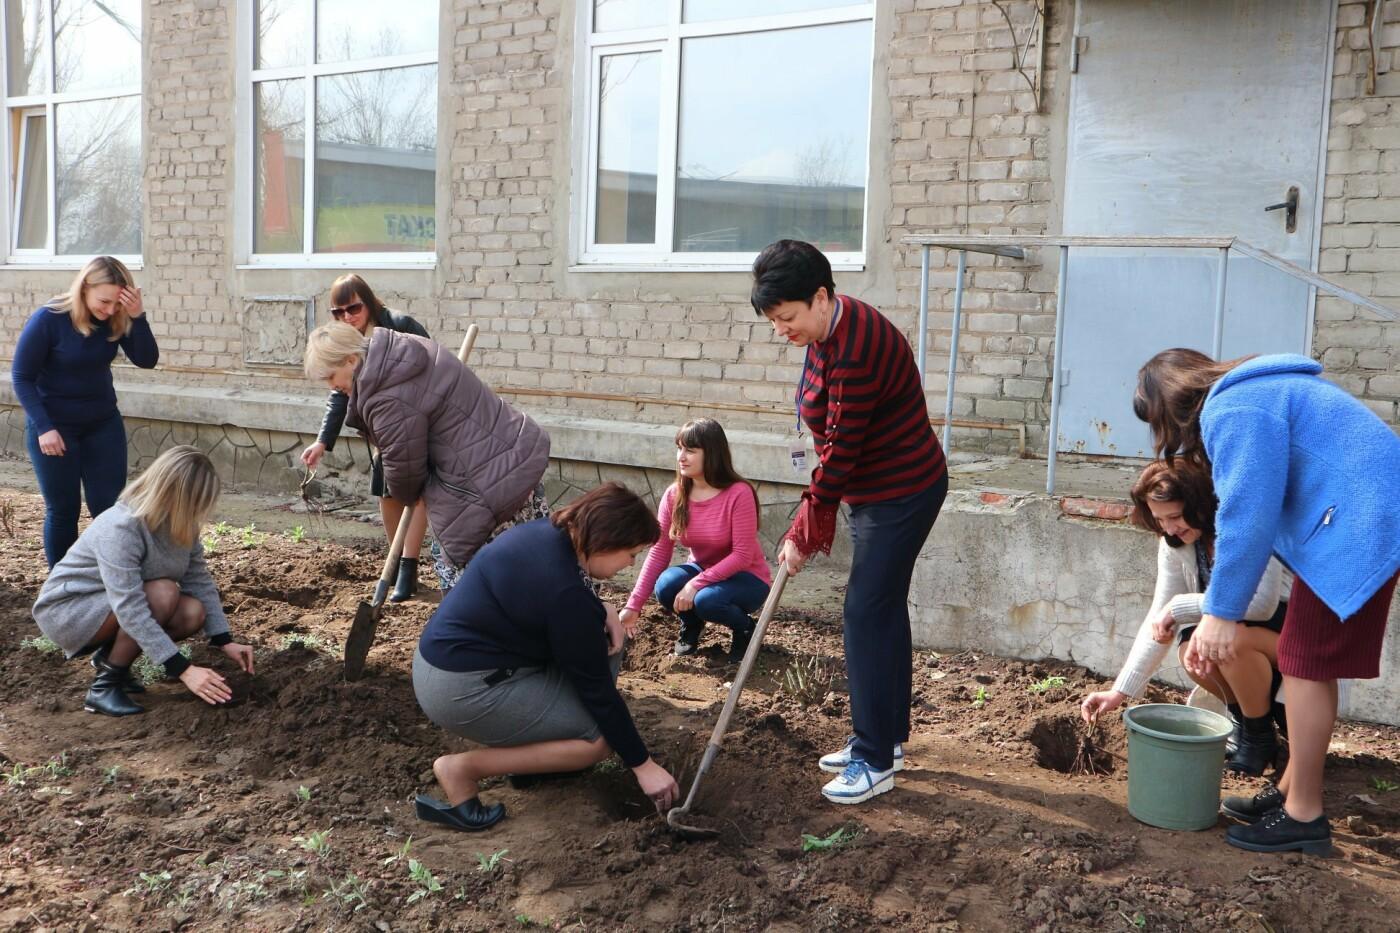 Костянтинівський центр зайнятості долучився до акції з висадки троянд, фото-1